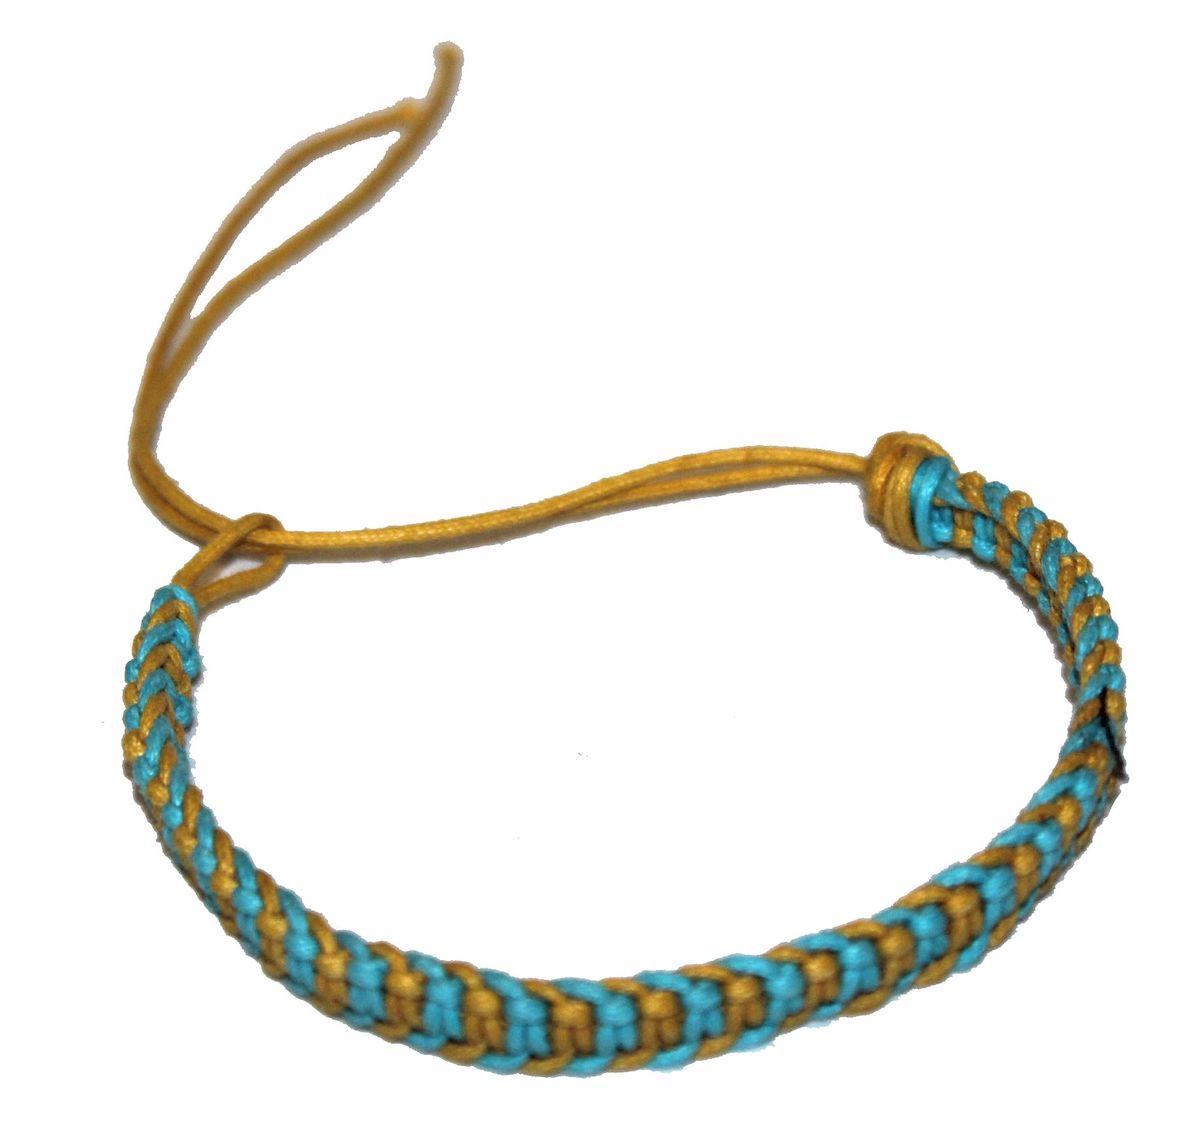 Браслет-фенечка Ethnica, цвет: голубой. 33701239864|Серьги с подвескамиОригинальный браслет-фенечка Ethnica выполнен из разноцветных нитей. Браслет регулируется по размеру при помощи скользящего замка.